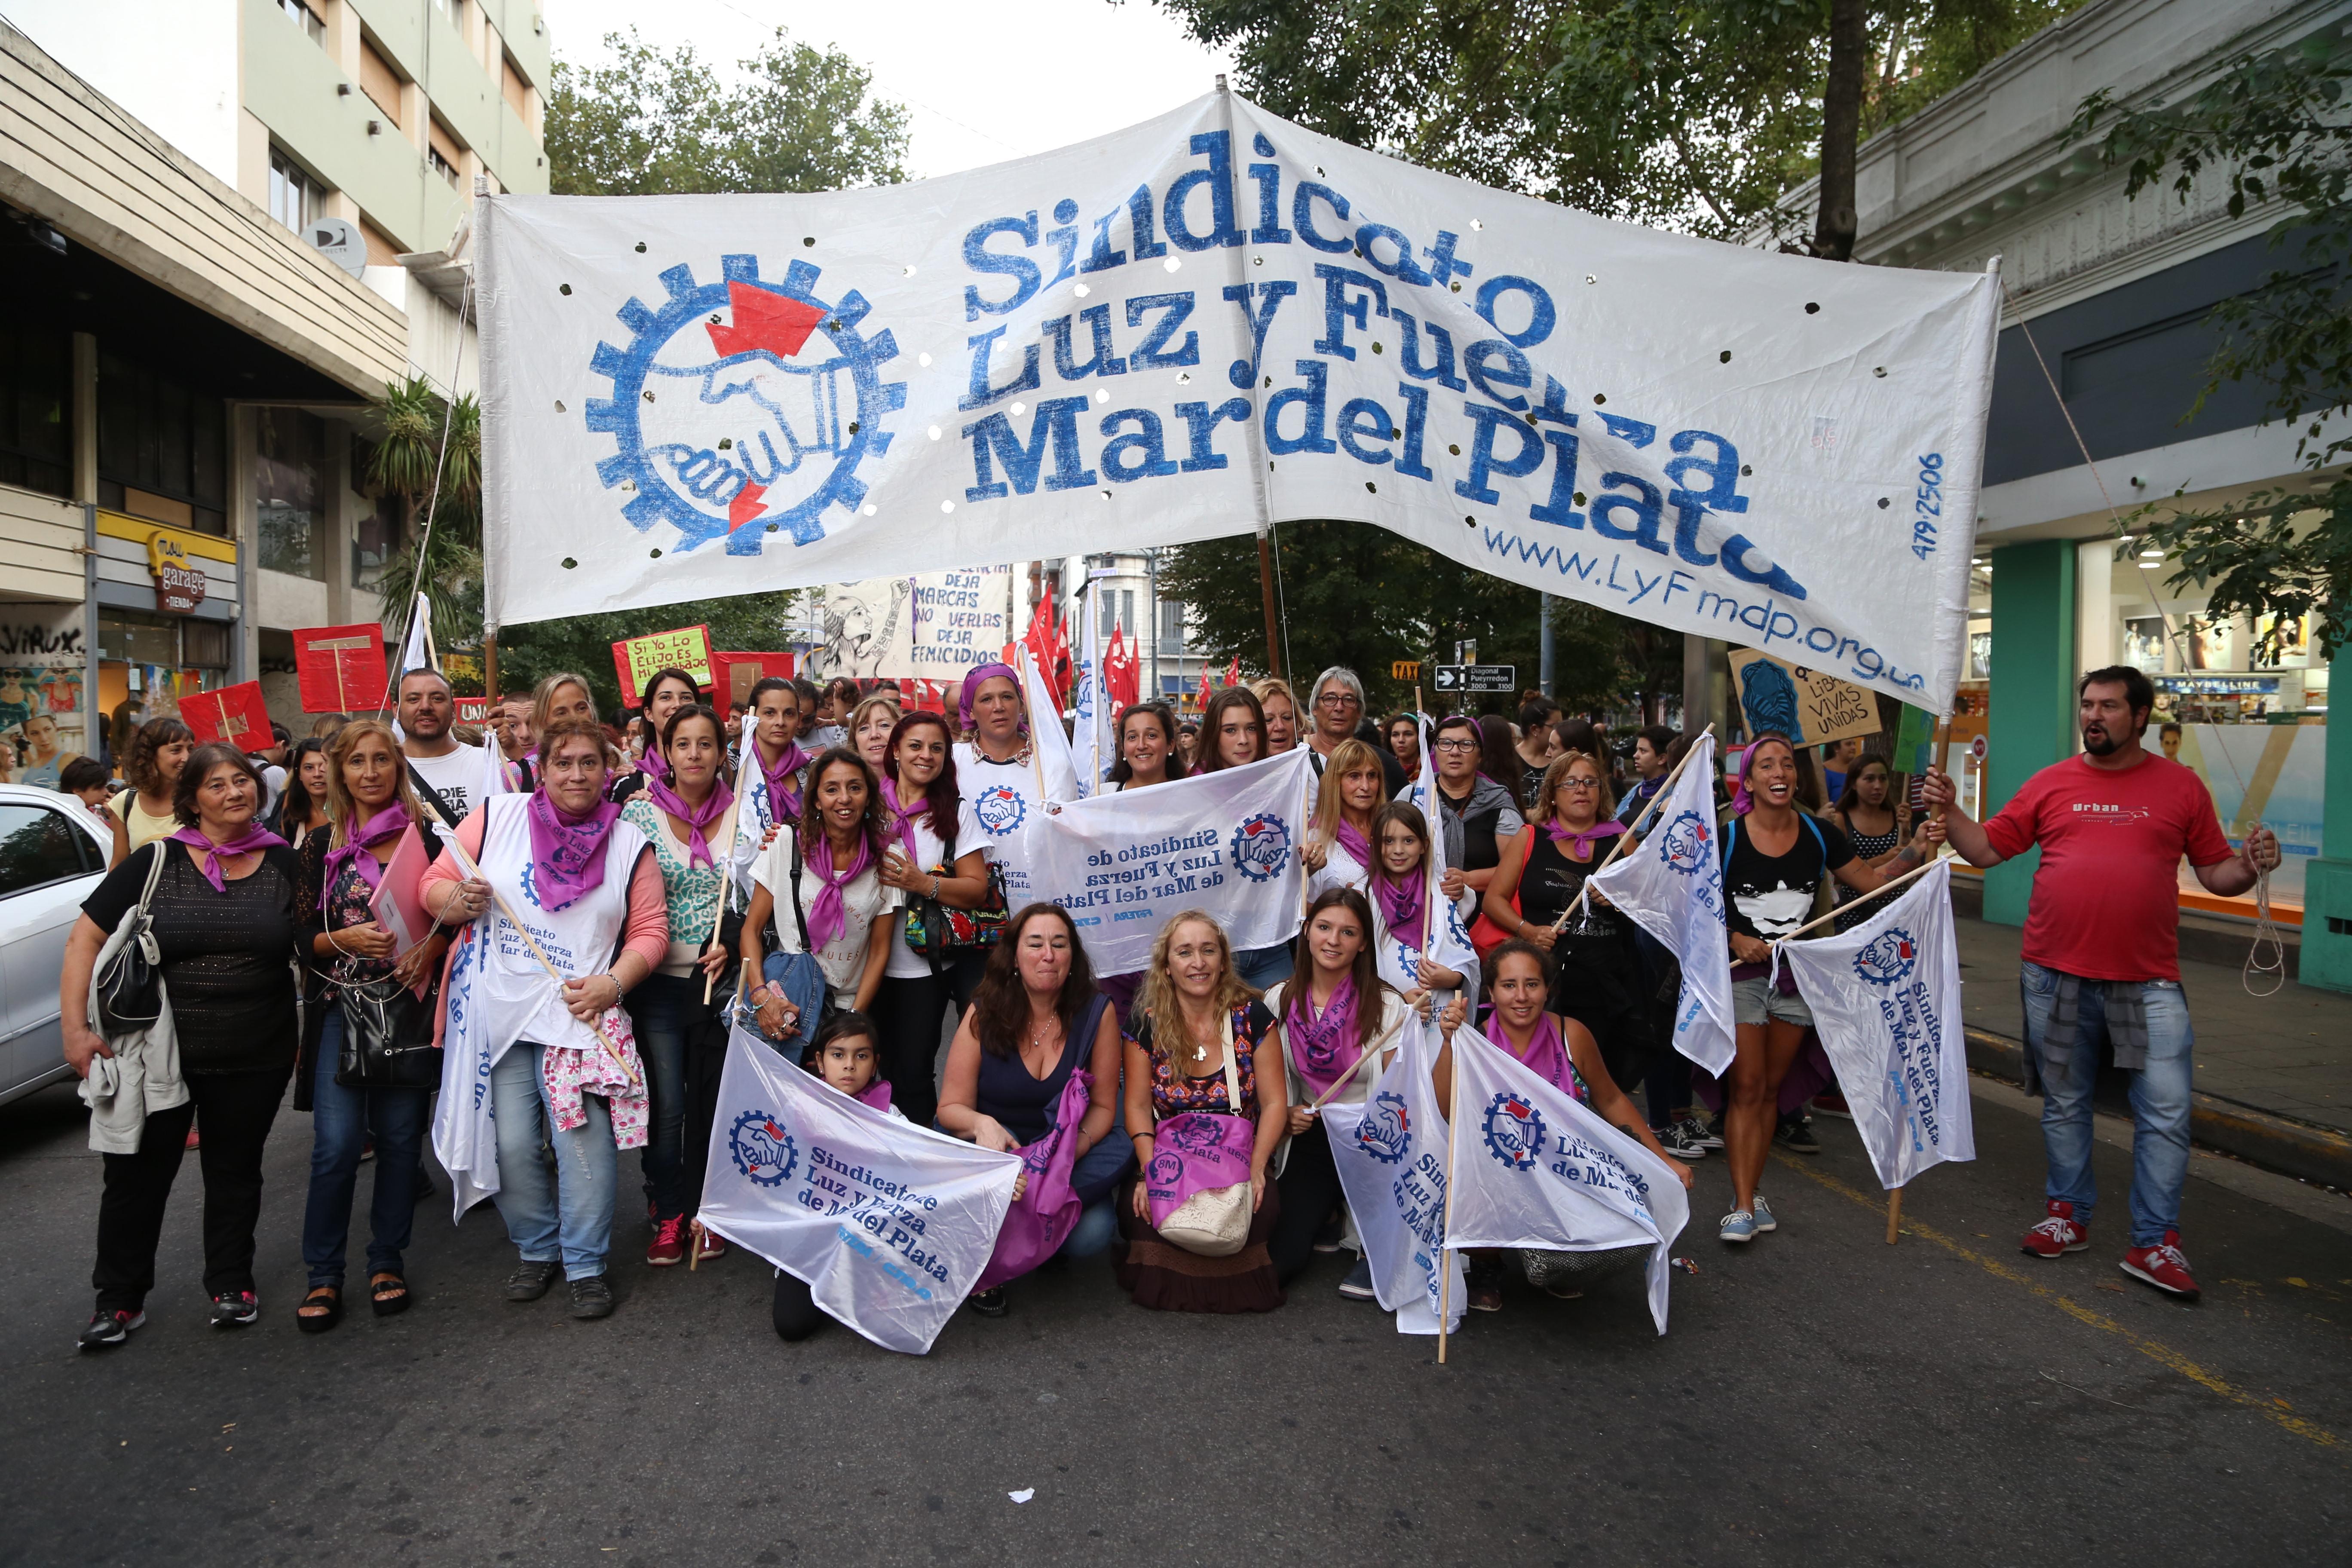 LUZ Y FUERZA MAR DEL PLATA PARTICIPÓ DE LA MARCHA POR EL DÍA INTERNACIONAL DE LA MUJER